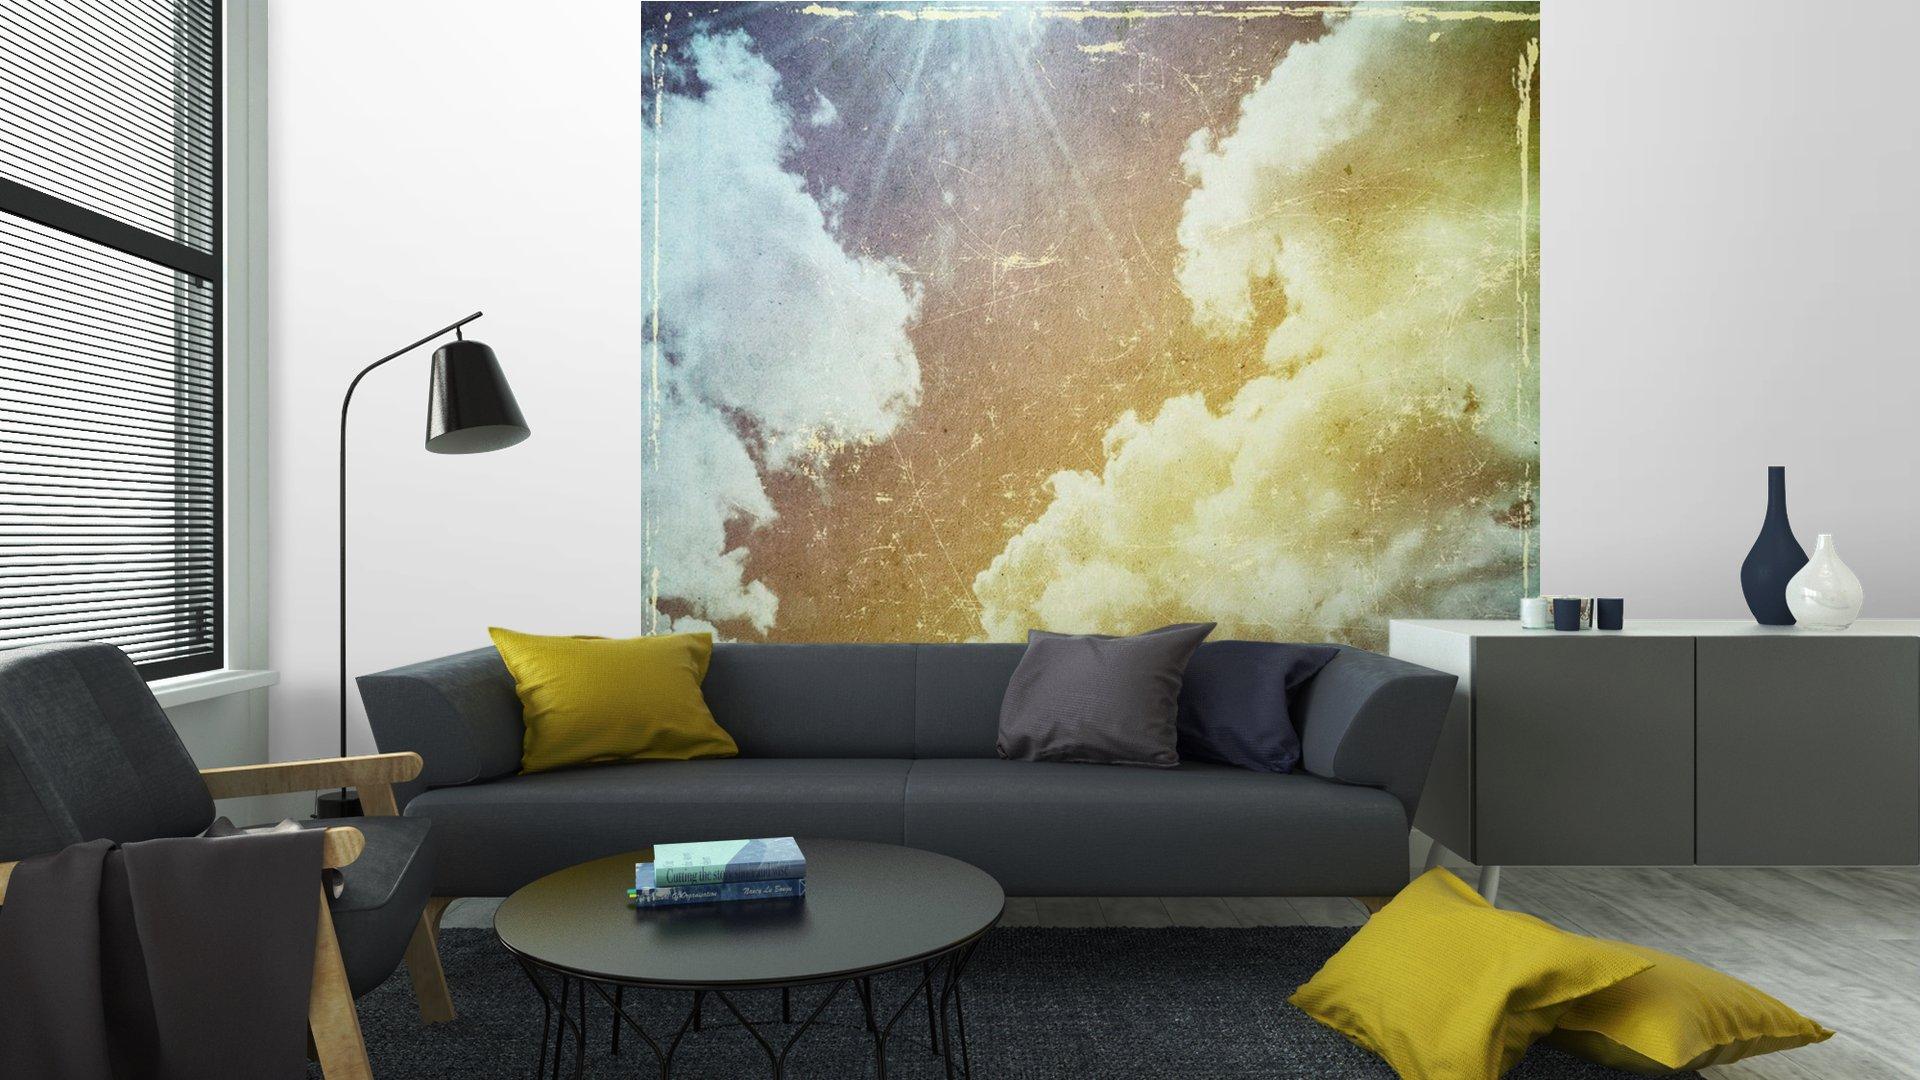 GRUNGE TEXTURA DE PAPEL. LA NATURALEZA DE FONDO ABSTRACTO6 - Fotomural Tapiz Abstracto Nubes Tipo Grunge